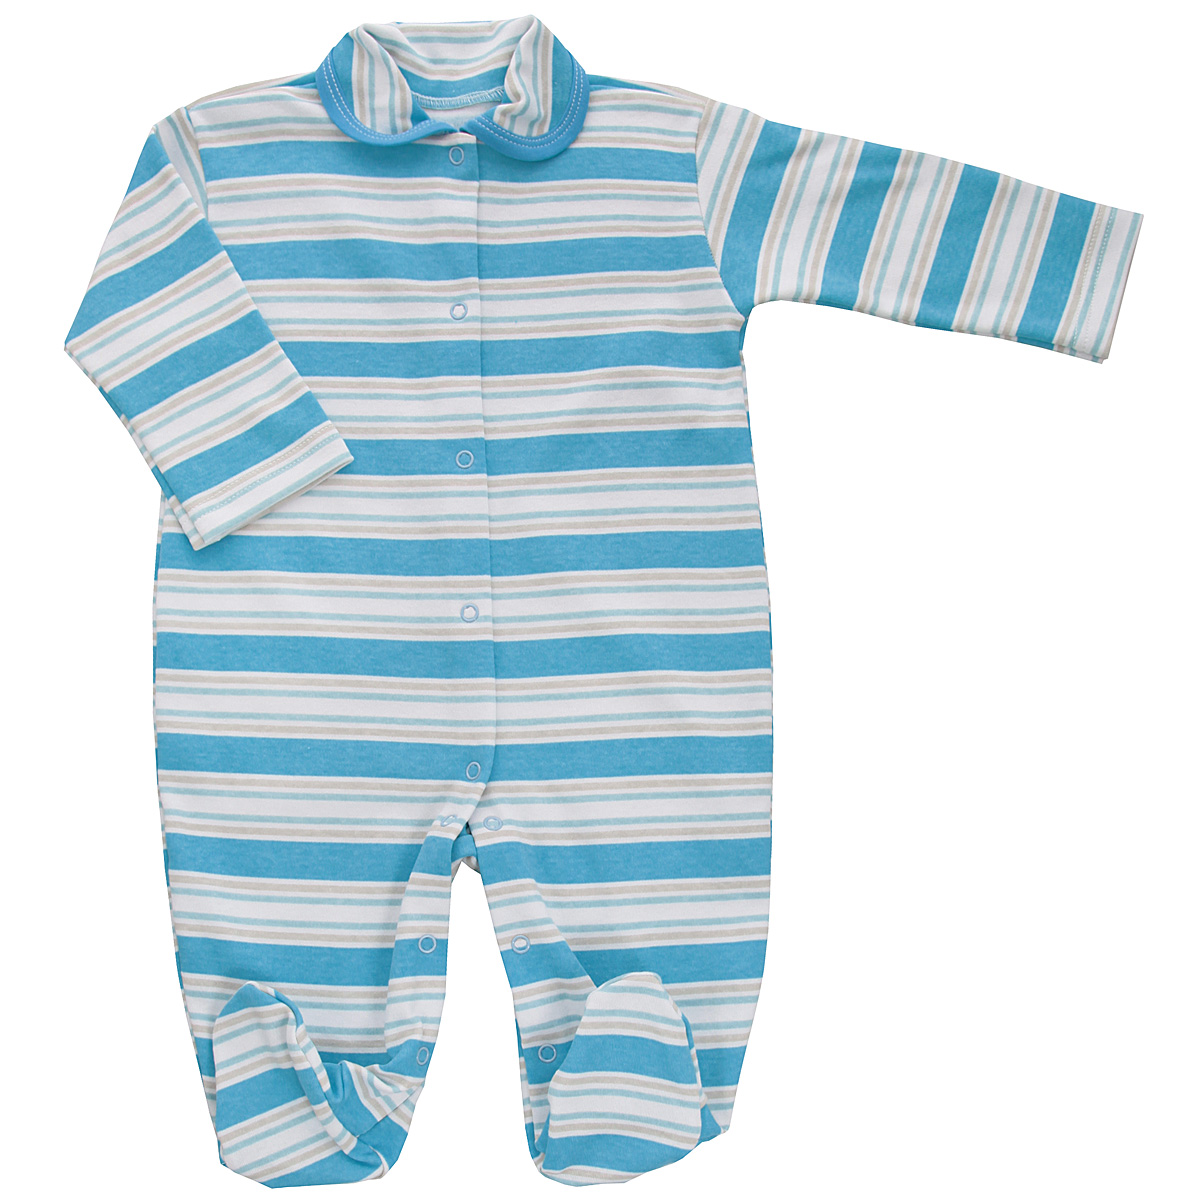 Комбинезон детский Трон-плюс, цвет: голубой, белый, светло-бежевый. 5815_полоска. Размер 74, 9 месяцев5815_полоскаДетский комбинезон Трон-Плюс - очень удобный и практичный вид одежды для малышей. Комбинезон выполнен из интерлока - натурального хлопка, благодаря чему он необычайно мягкий и приятный на ощупь, не раздражает нежную кожу ребенка, и хорошо вентилируются, а эластичные швы приятны телу младенца и не препятствуют его движениям. Комбинезон с длинными рукавами, закрытыми ножками и отложным воротничком имеет застежки-кнопки от горловины до щиколоток, которые помогают легко переодеть ребенка или сменить подгузник. Воротник по краю дополнен контрастной бейкой. Оформлено изделие принтом в полоску. С детским комбинезоном спинка и ножки вашего крохи всегда будут в тепле, он идеален для использования днем и незаменим ночью. Комбинезон полностью соответствует особенностям жизни младенца в ранний период, не стесняя и не ограничивая его в движениях!